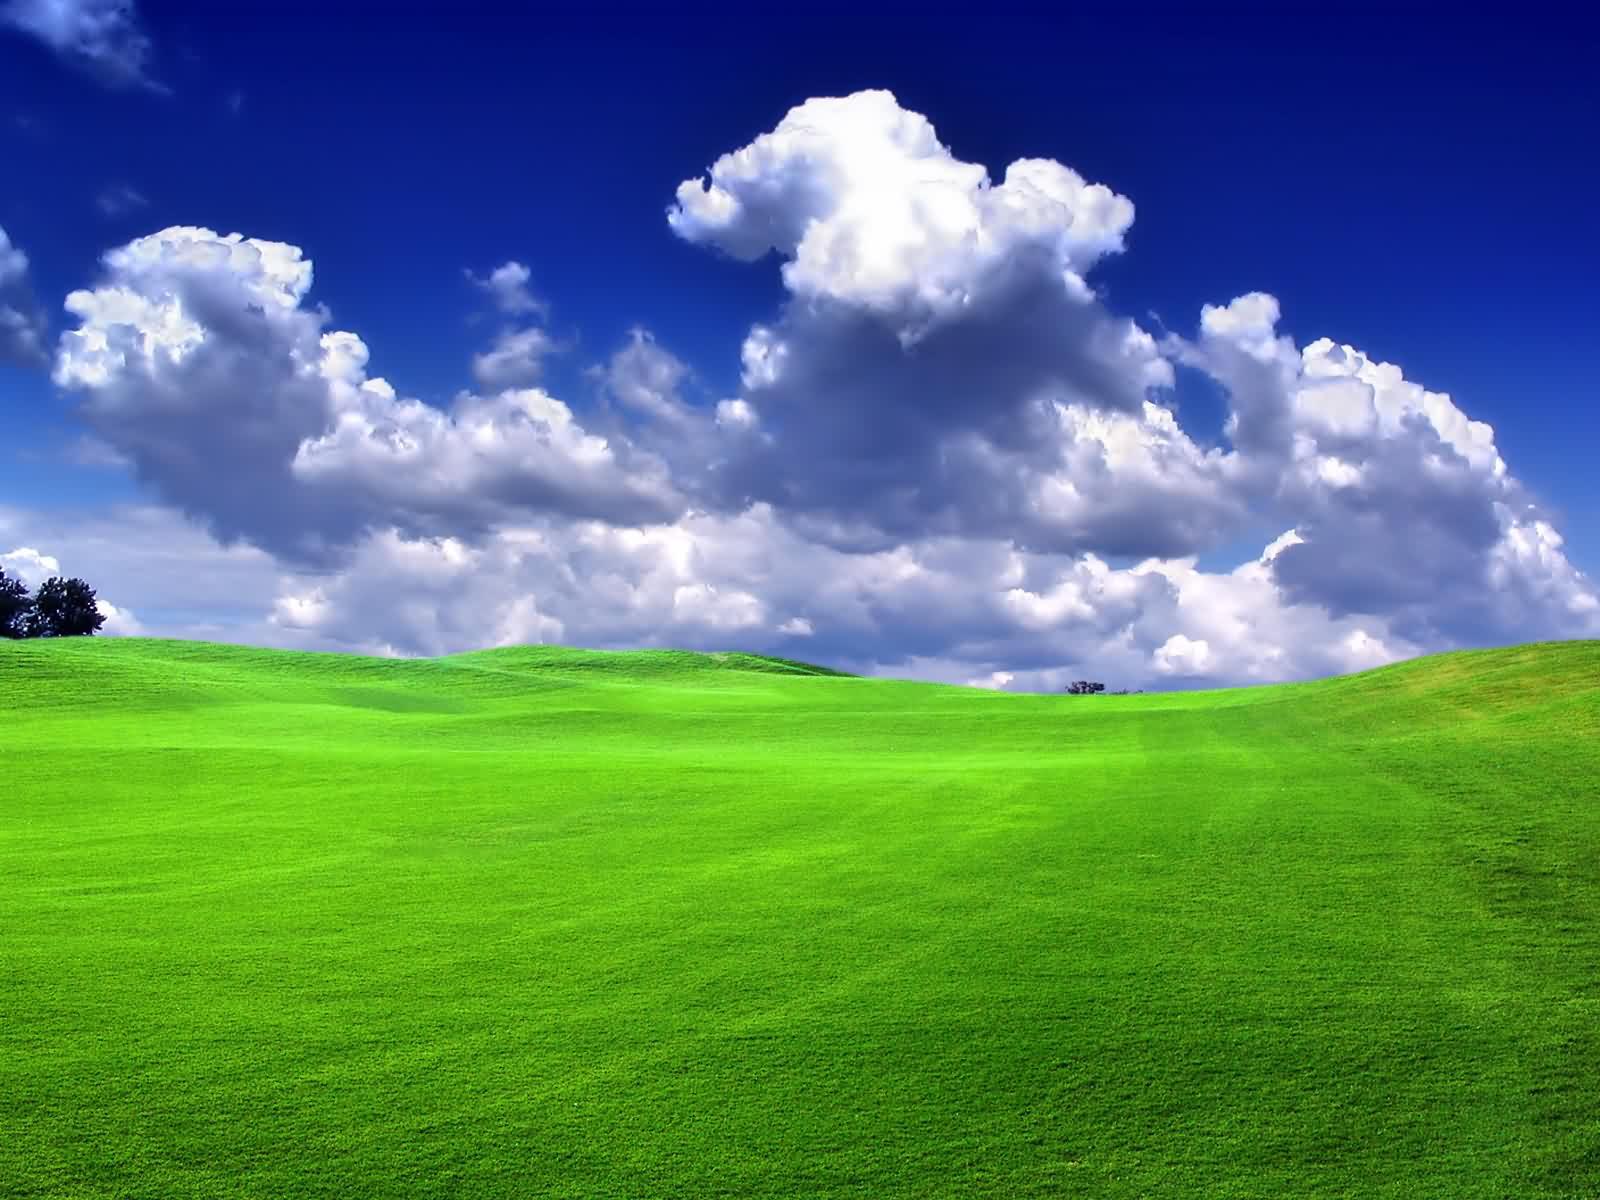 paisajes en hd para fondos de escritorio megapost